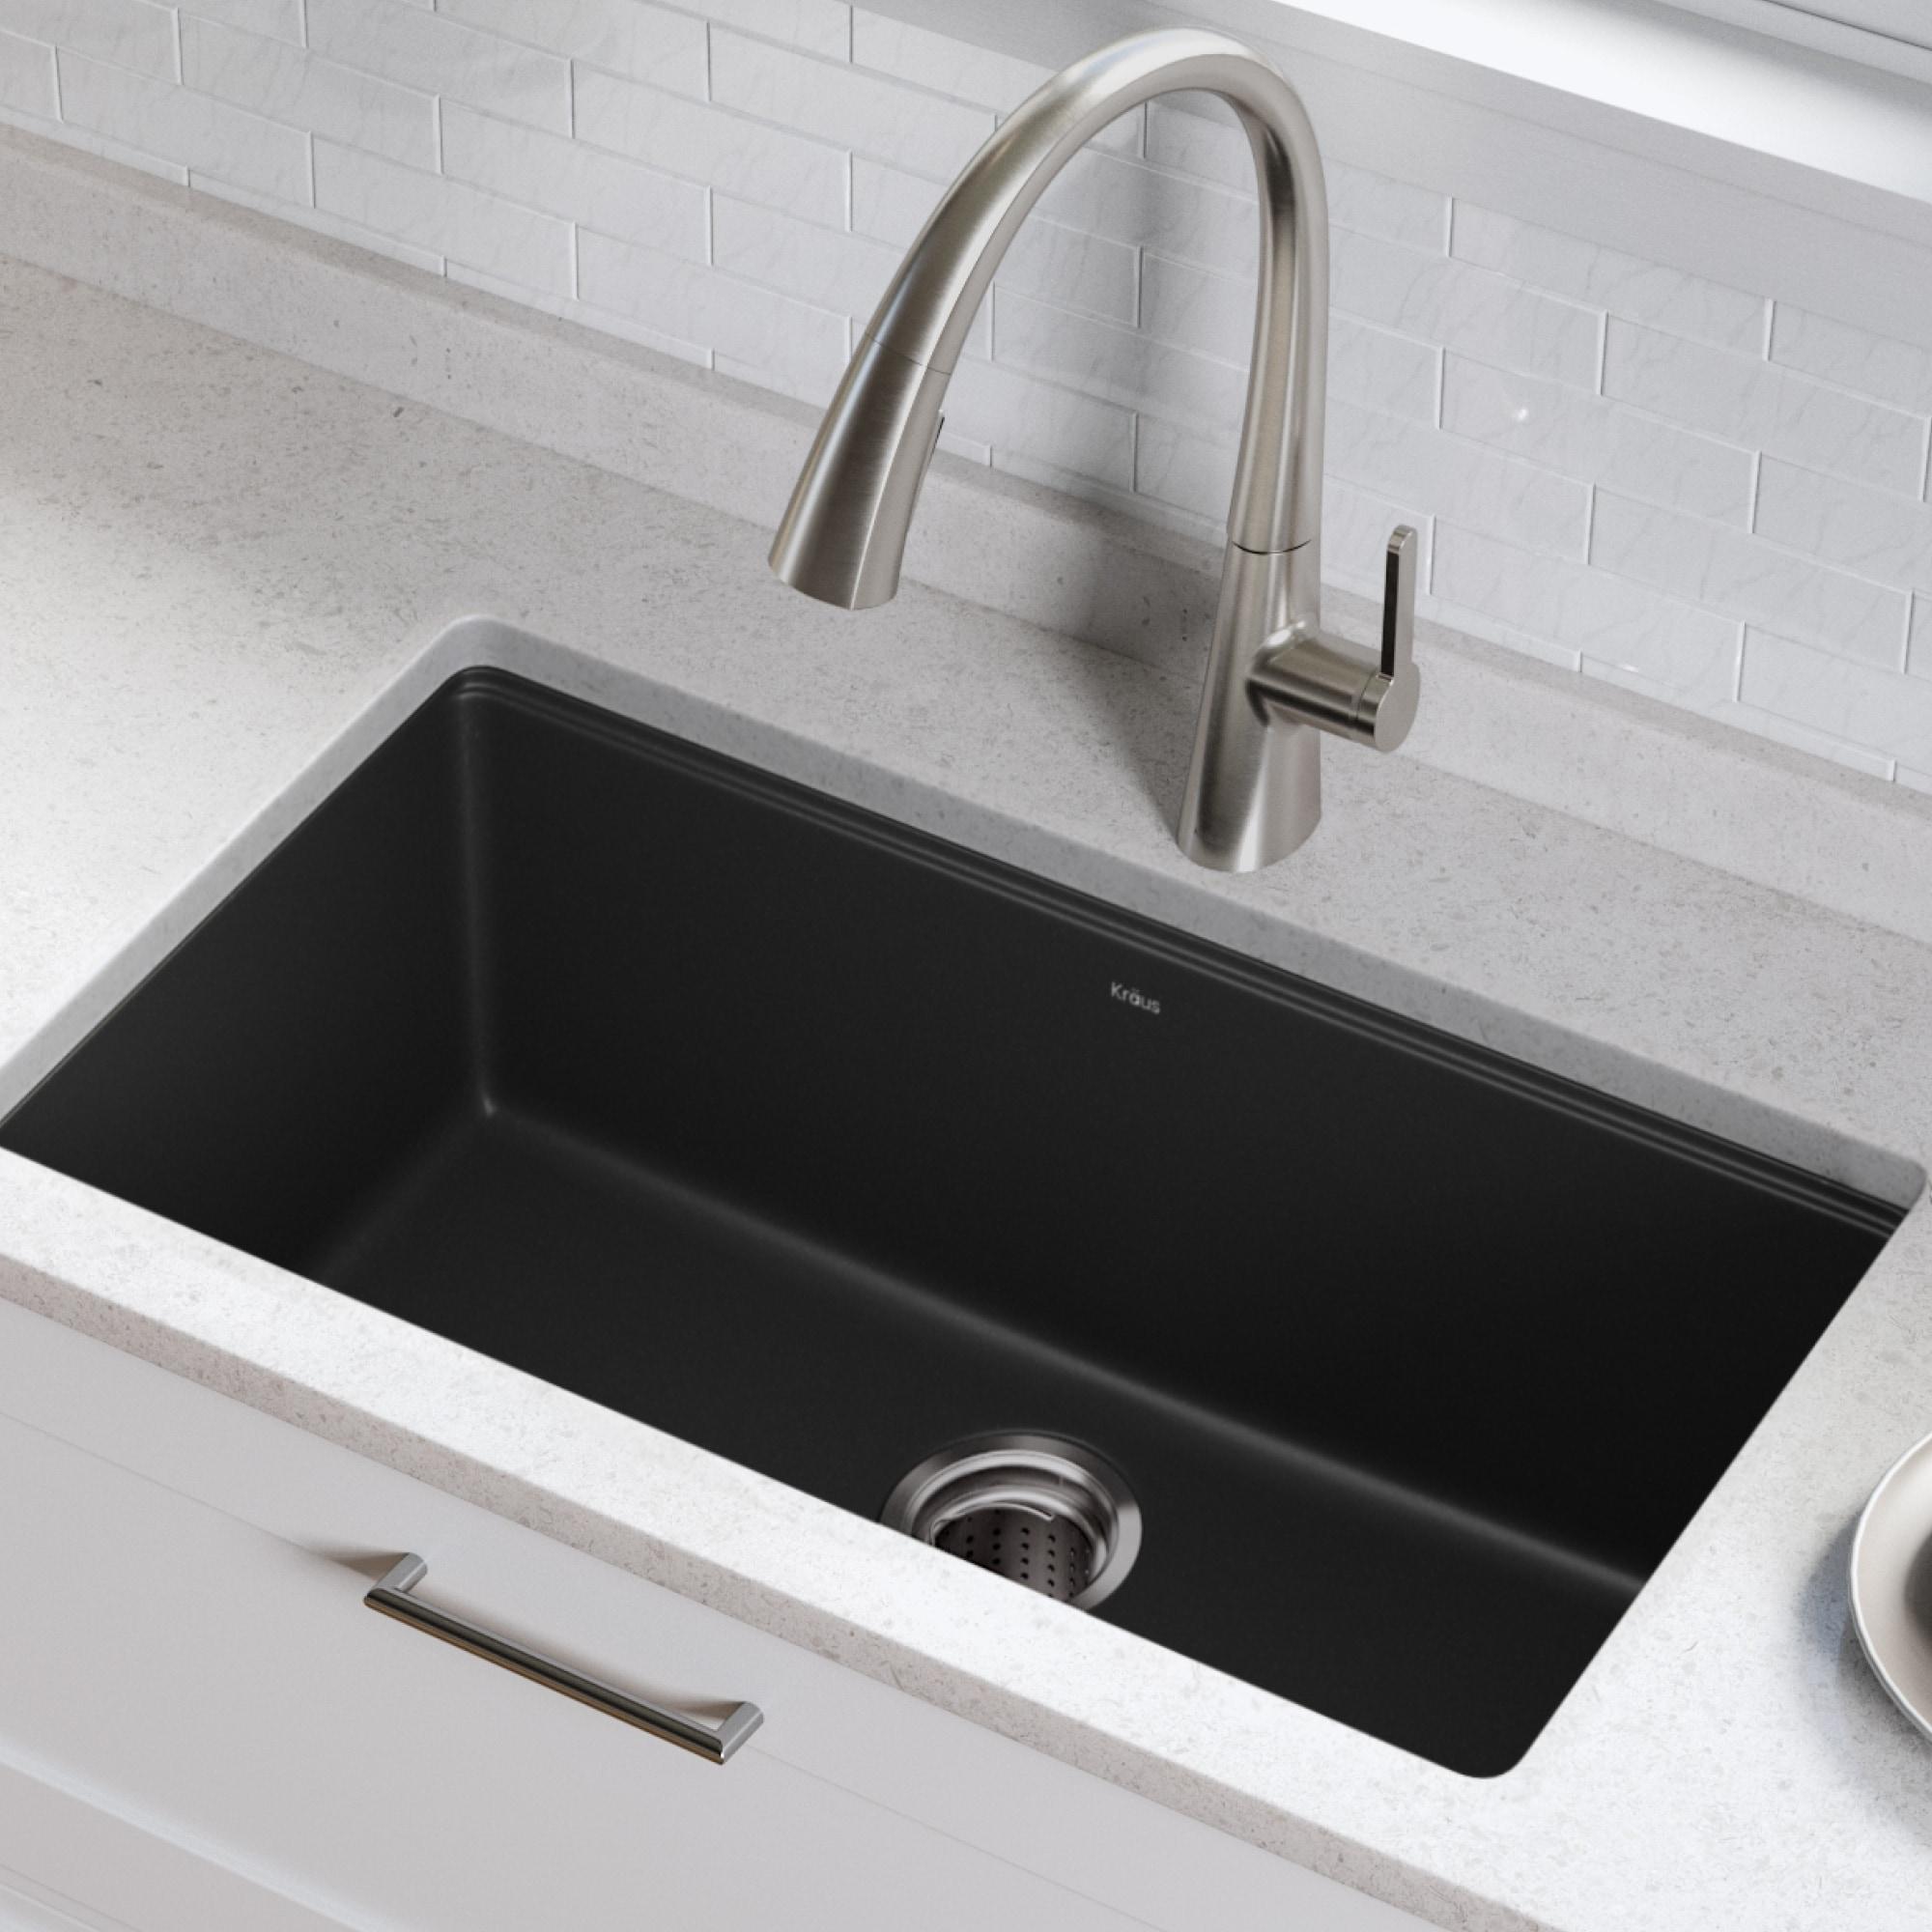 Kraus Kgu 413b Undermount 31 Inch 1 Bowl Granite Kitchen Sink Black